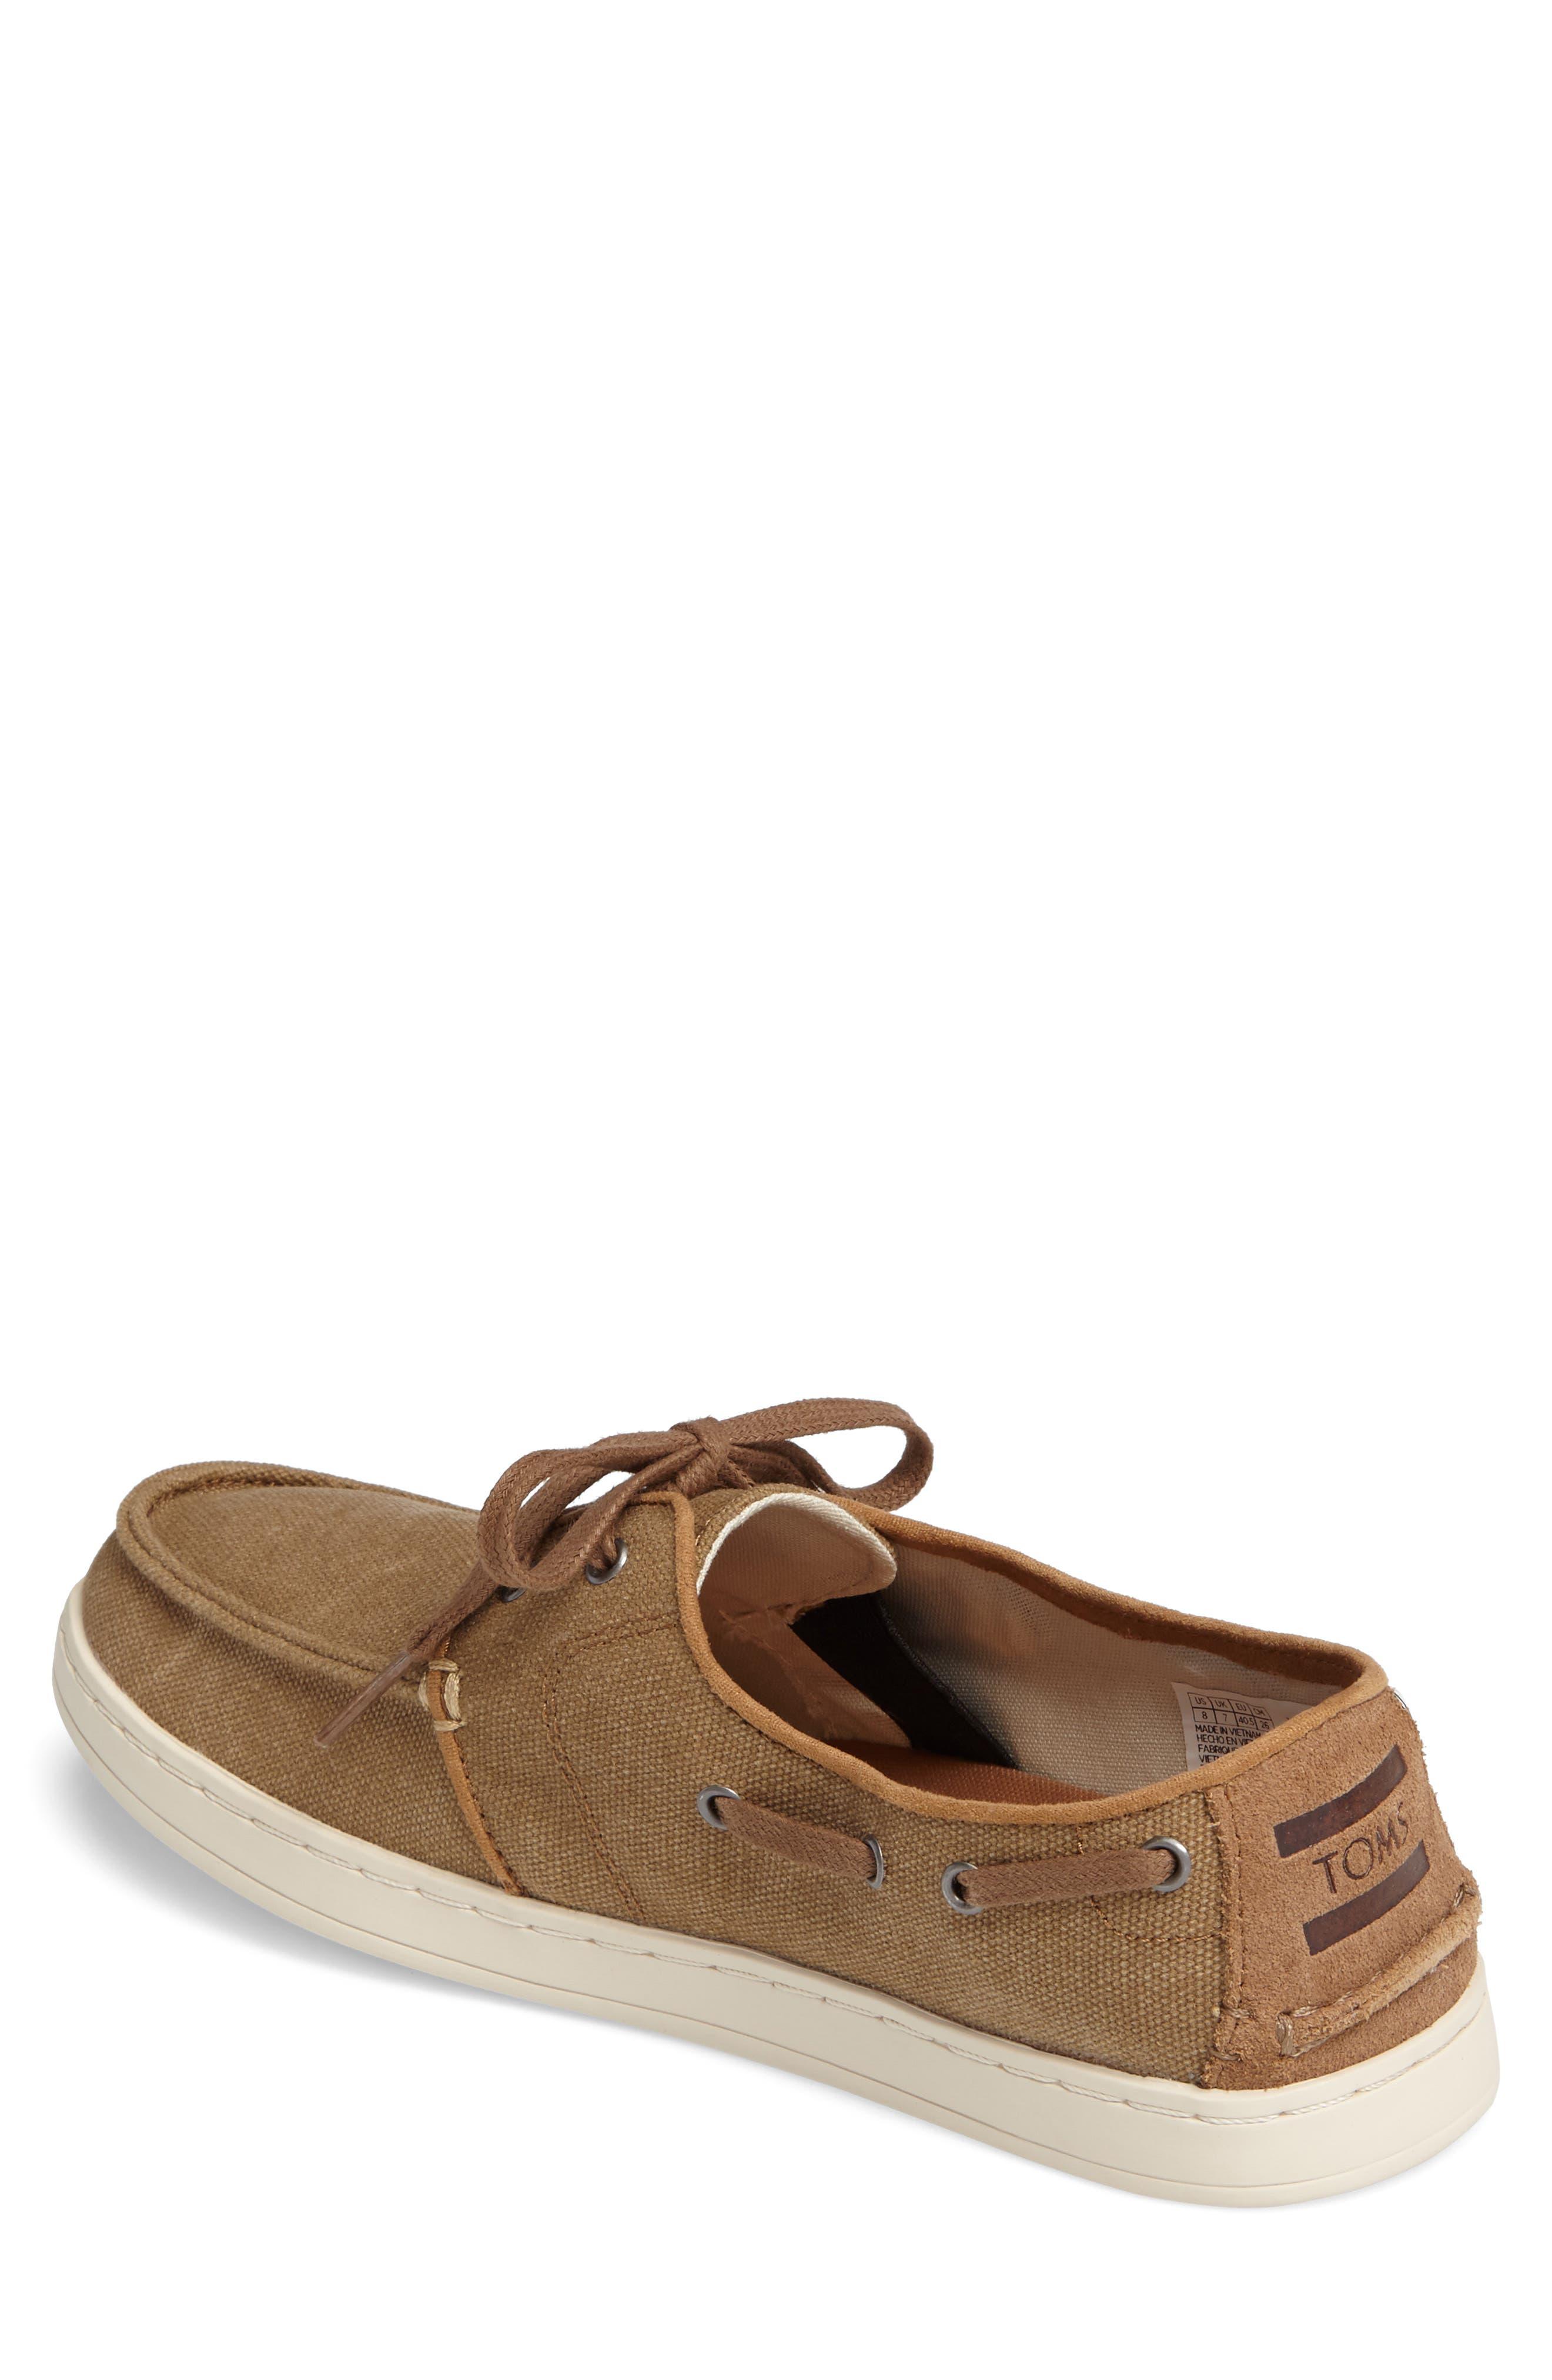 Alternate Image 2  - TOMS 'Culver' Boat Shoe (Men)